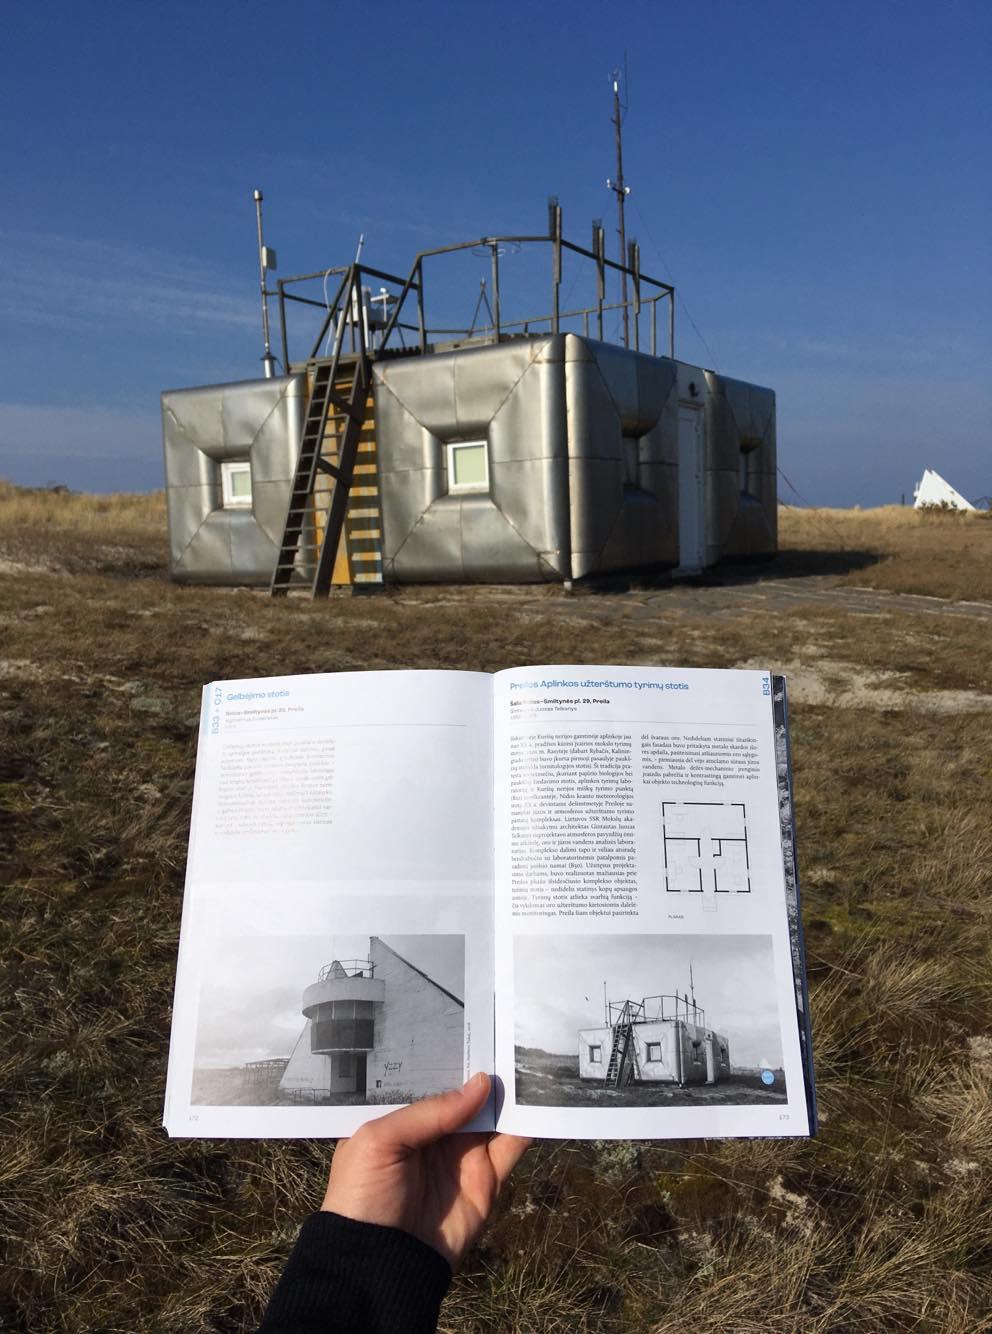 Preilos Aplinkos užterštumo tyrimų stotis ir Neringos architektūros gidas | A. L. Monsės (Ana Luisa Monse) nuotr.